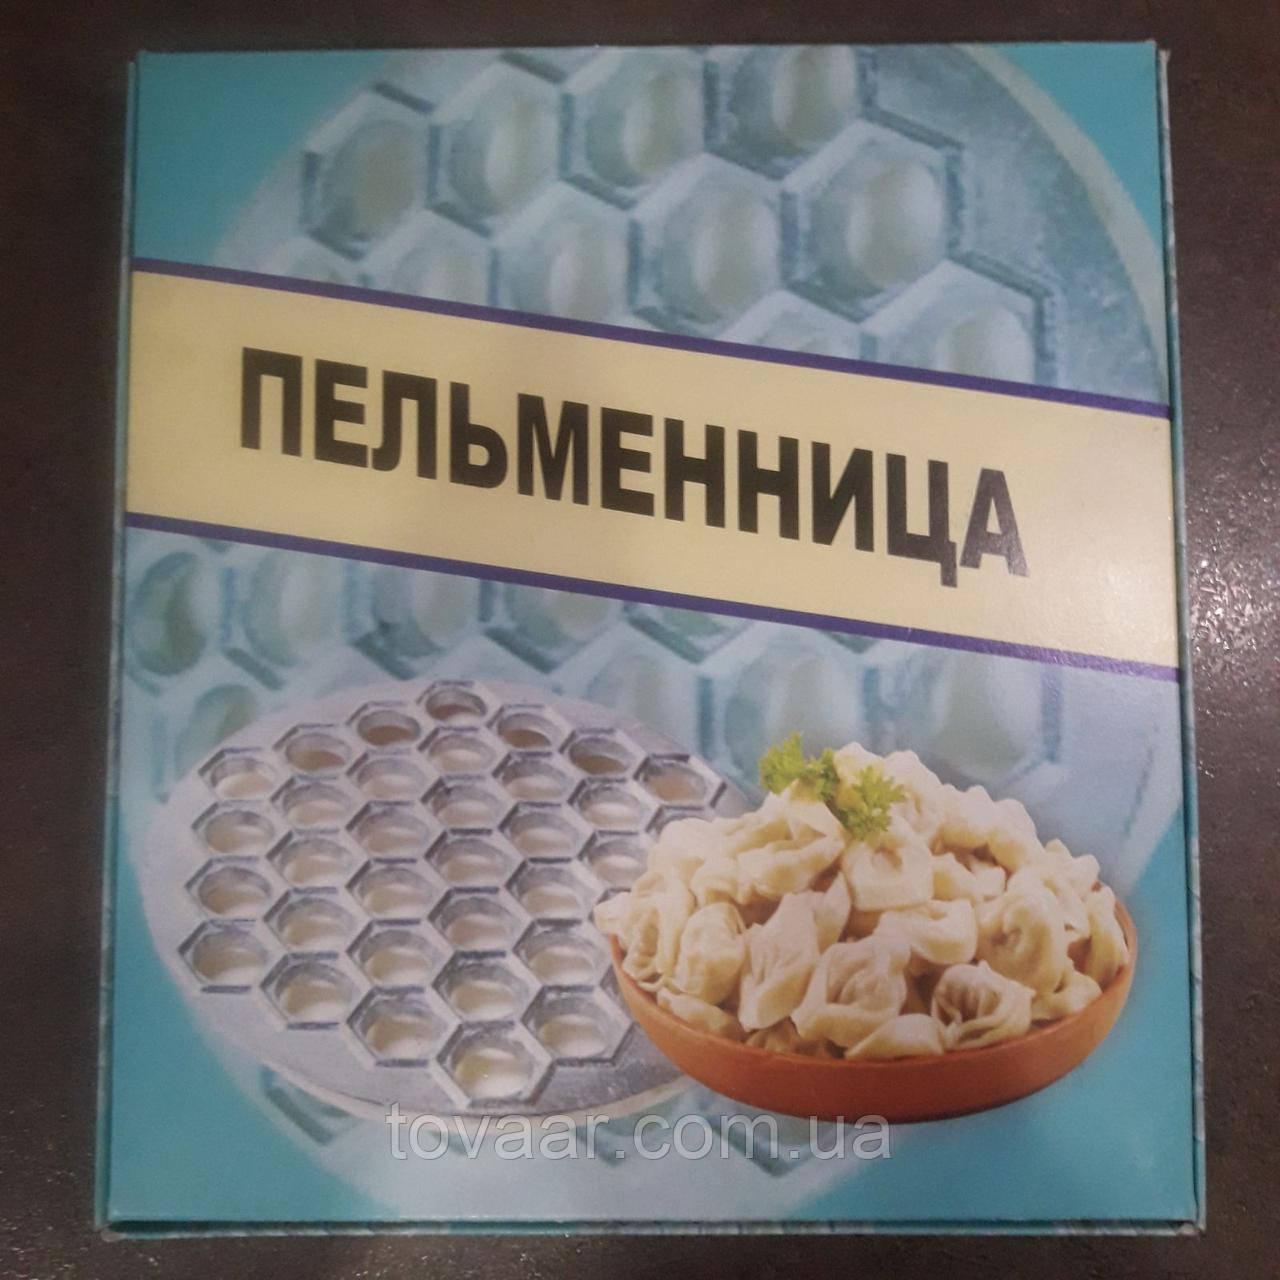 Пельменница алюминиевая, Форма для приготовления пельменей (Харьков)